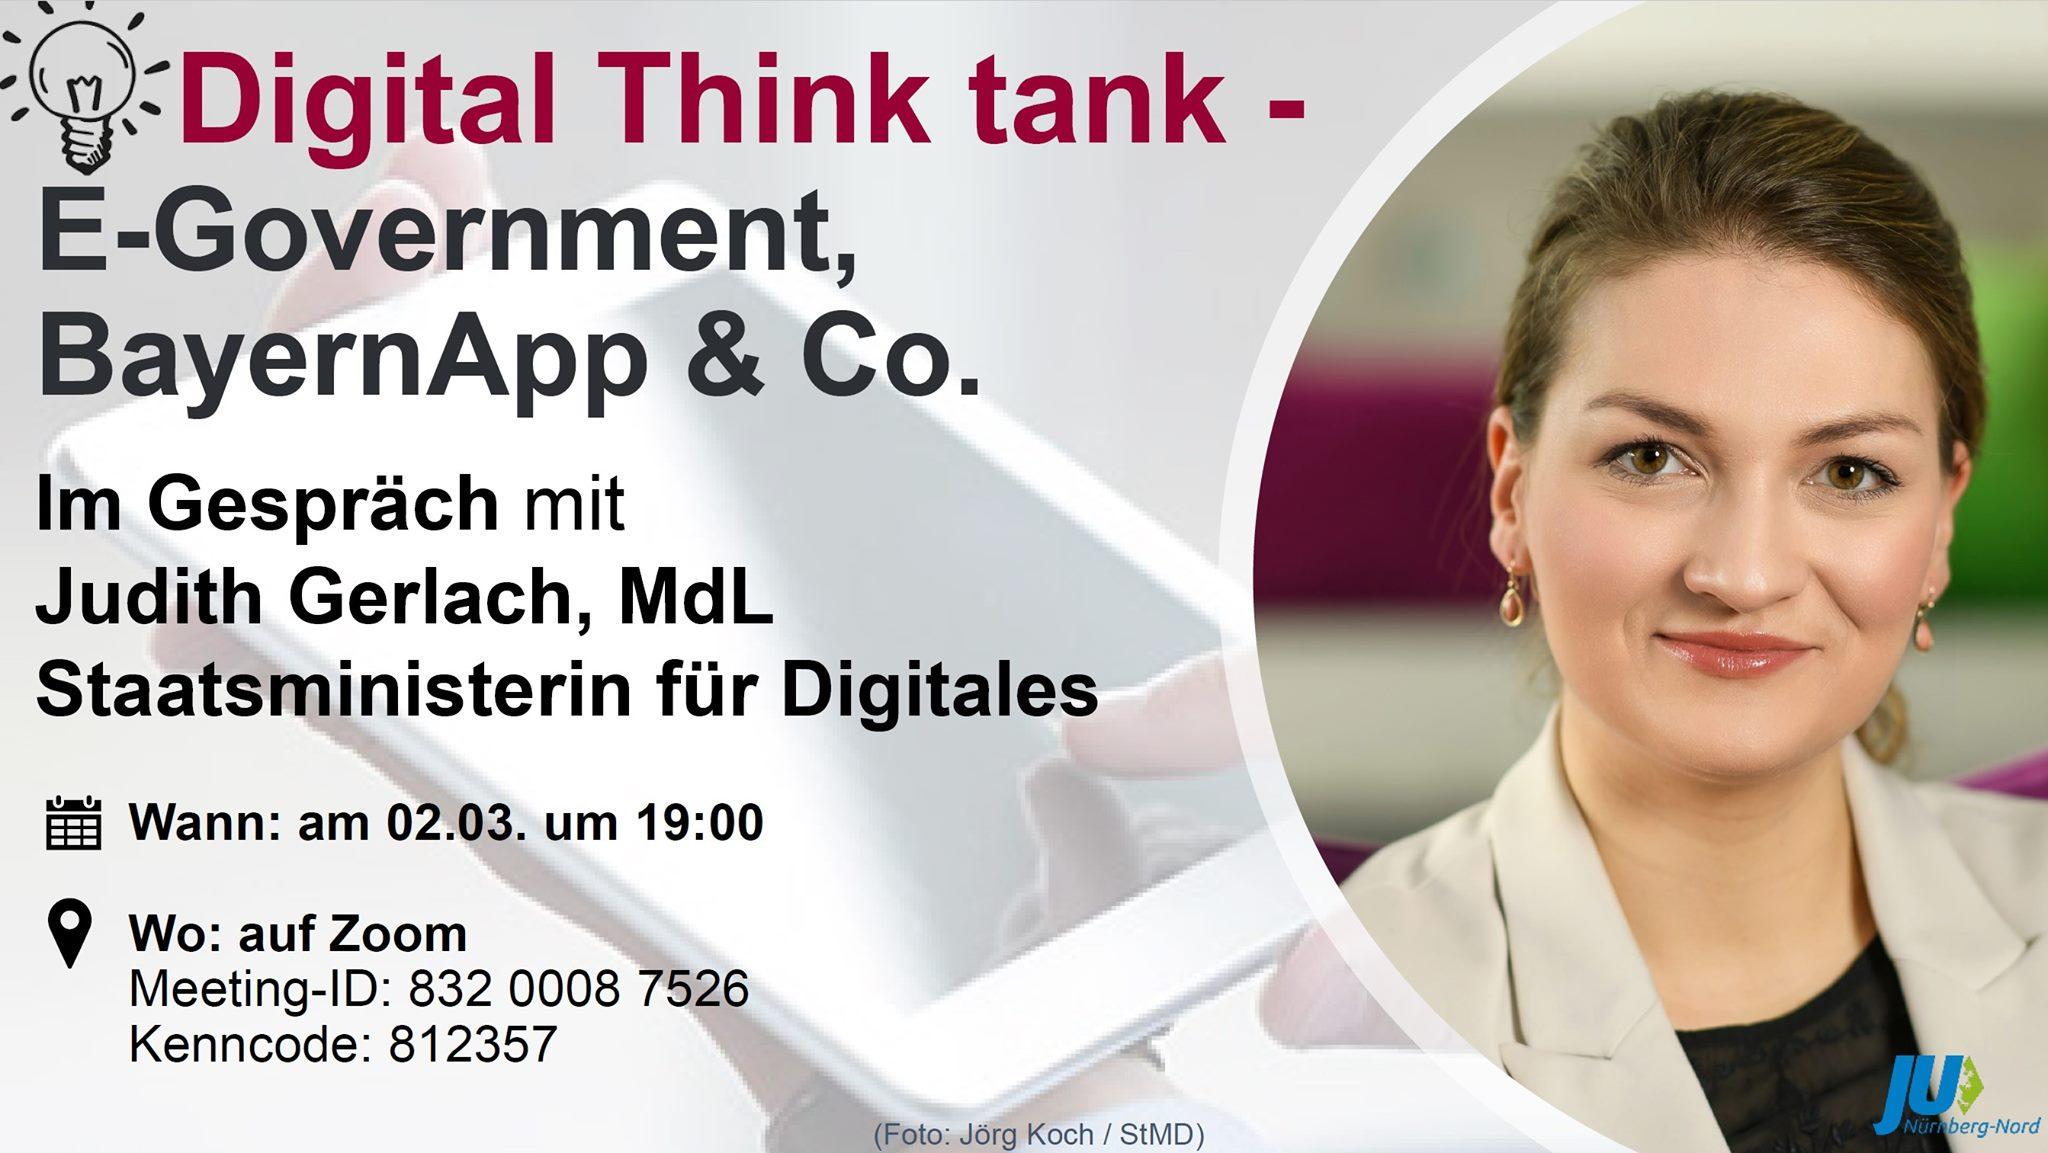 Bild zur Veranstaltung Digital Think Tank - E-Government, BayernApp & Co. mit Judith Gerlach, Staatsministerin für Digitales